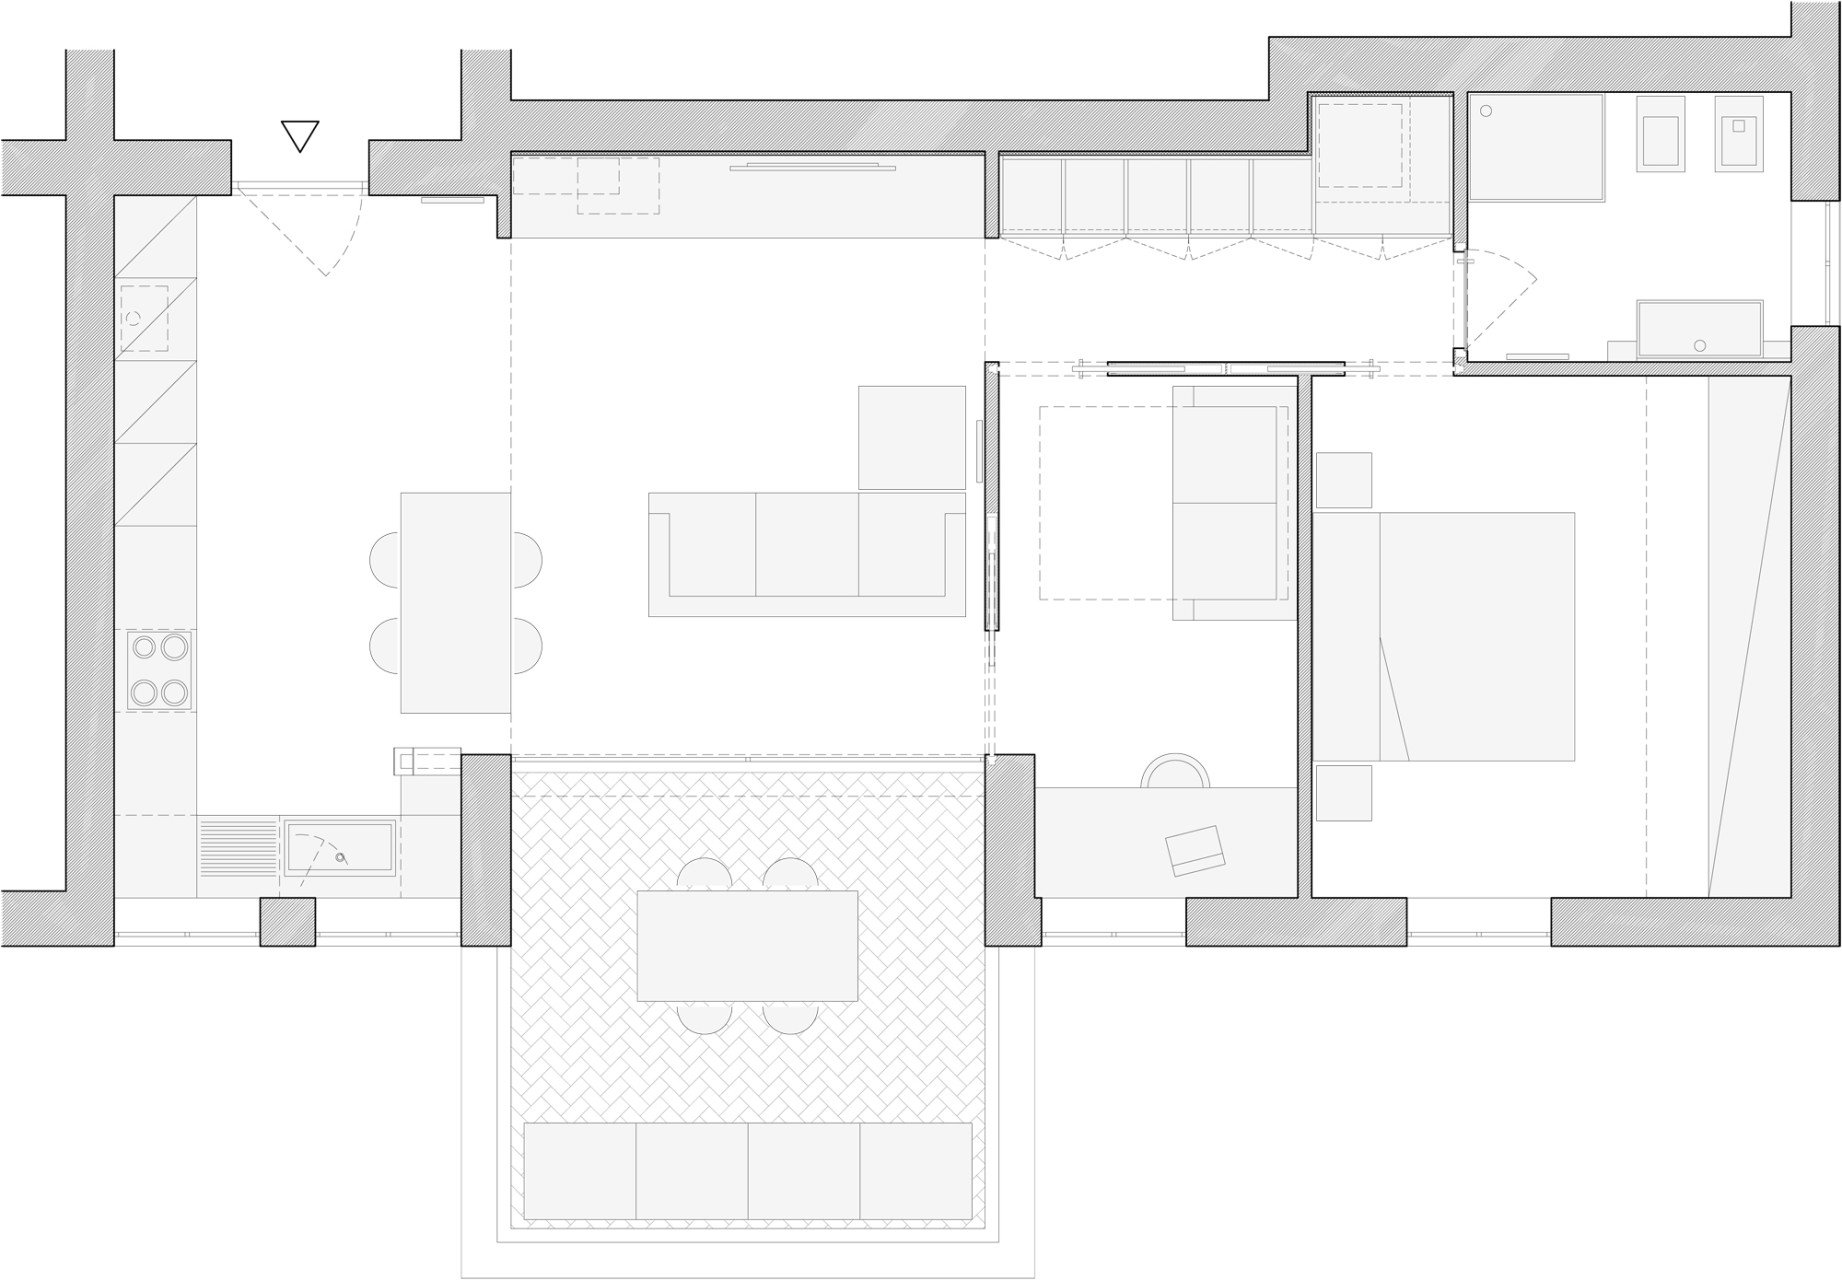 I:9-App. Enrico C2-Progetto3 Esecutivo2-DWGProgetto Def